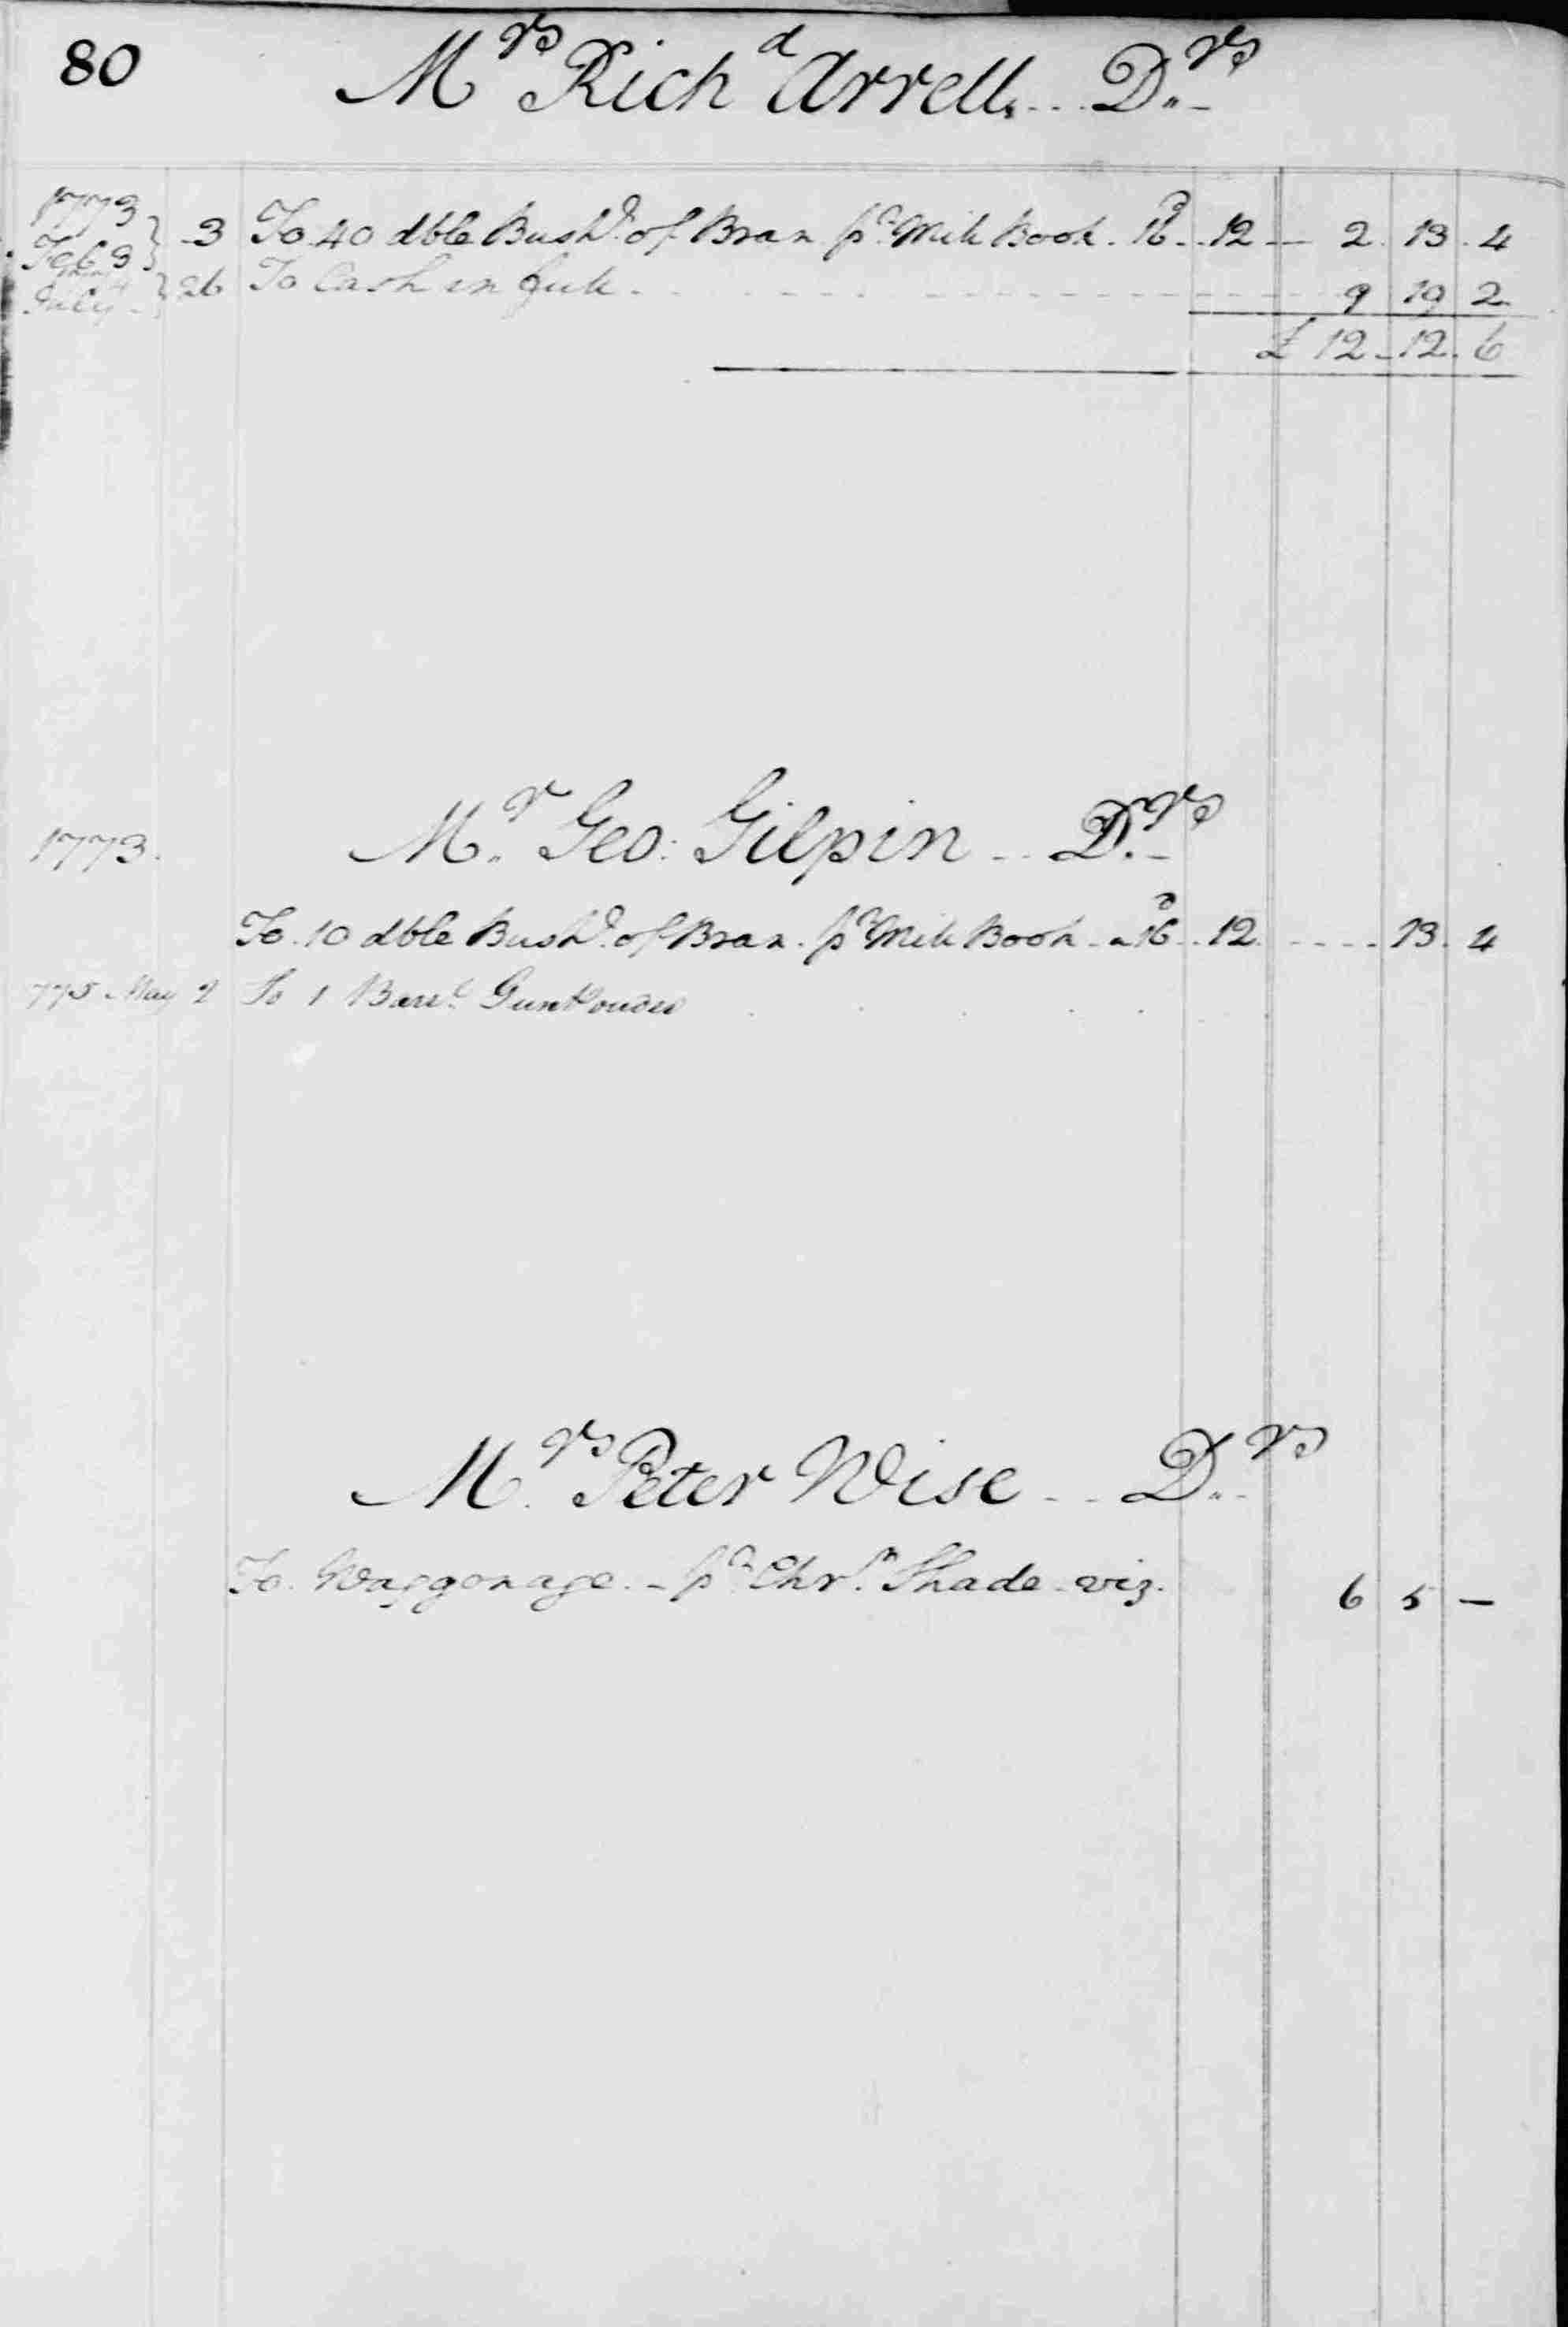 Ledger B, folio 80, left side